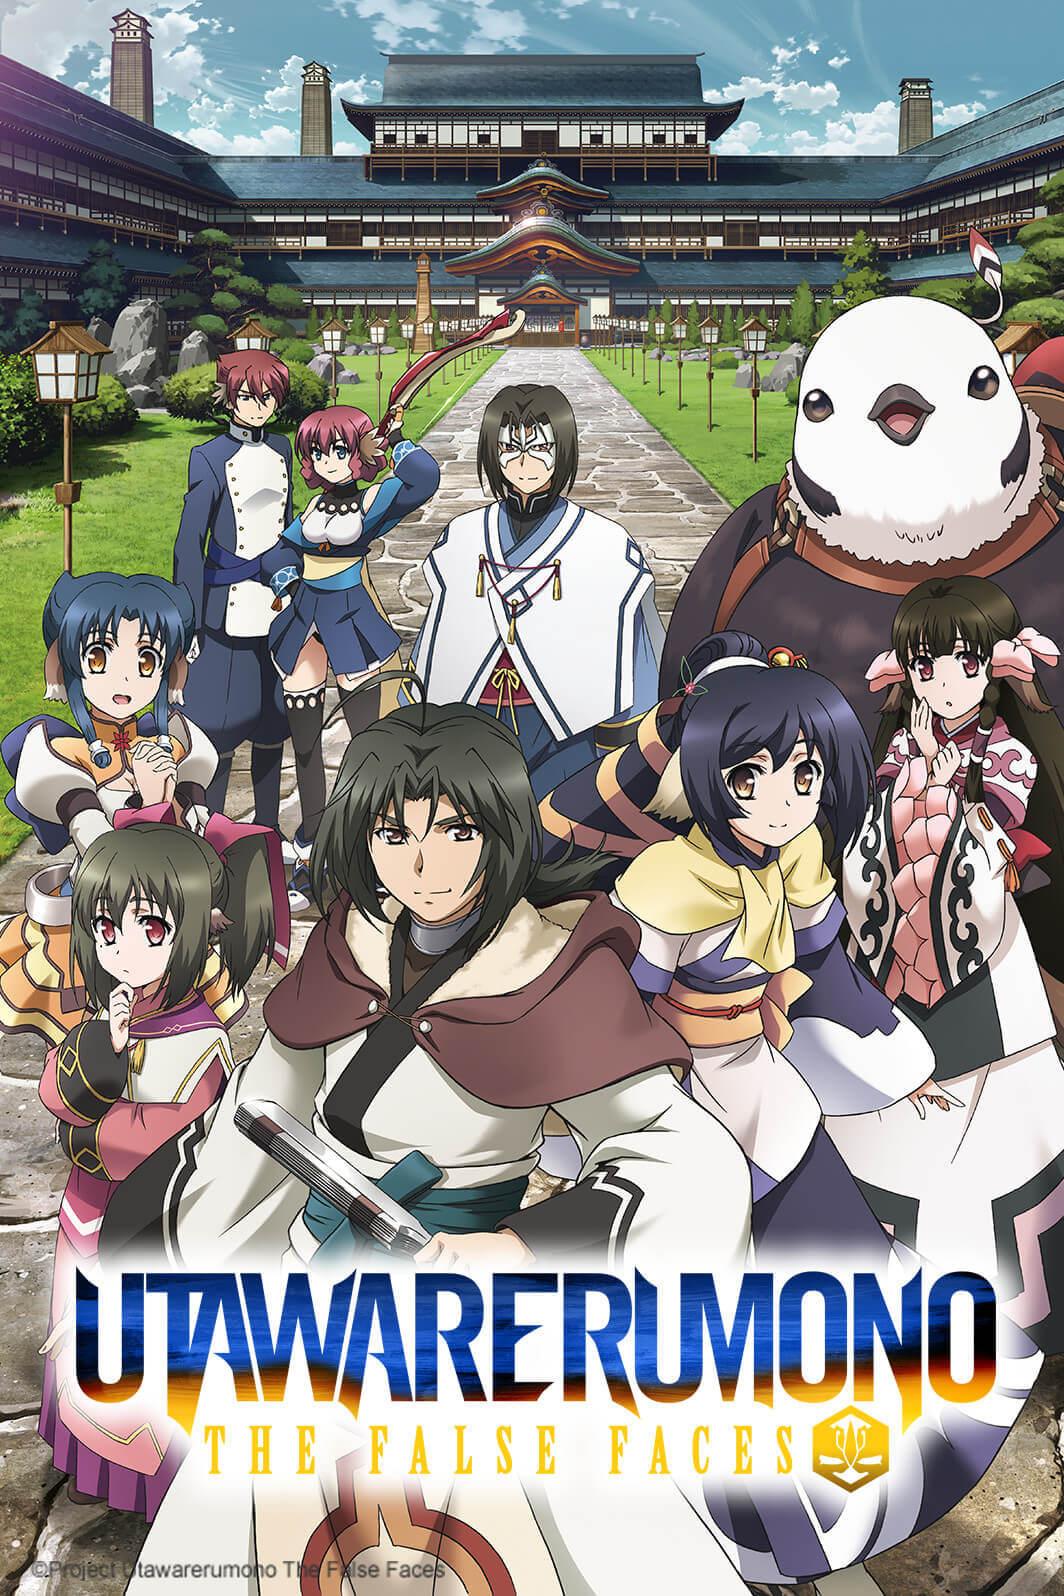 Utawarerumono: Itsuwari no Kamen